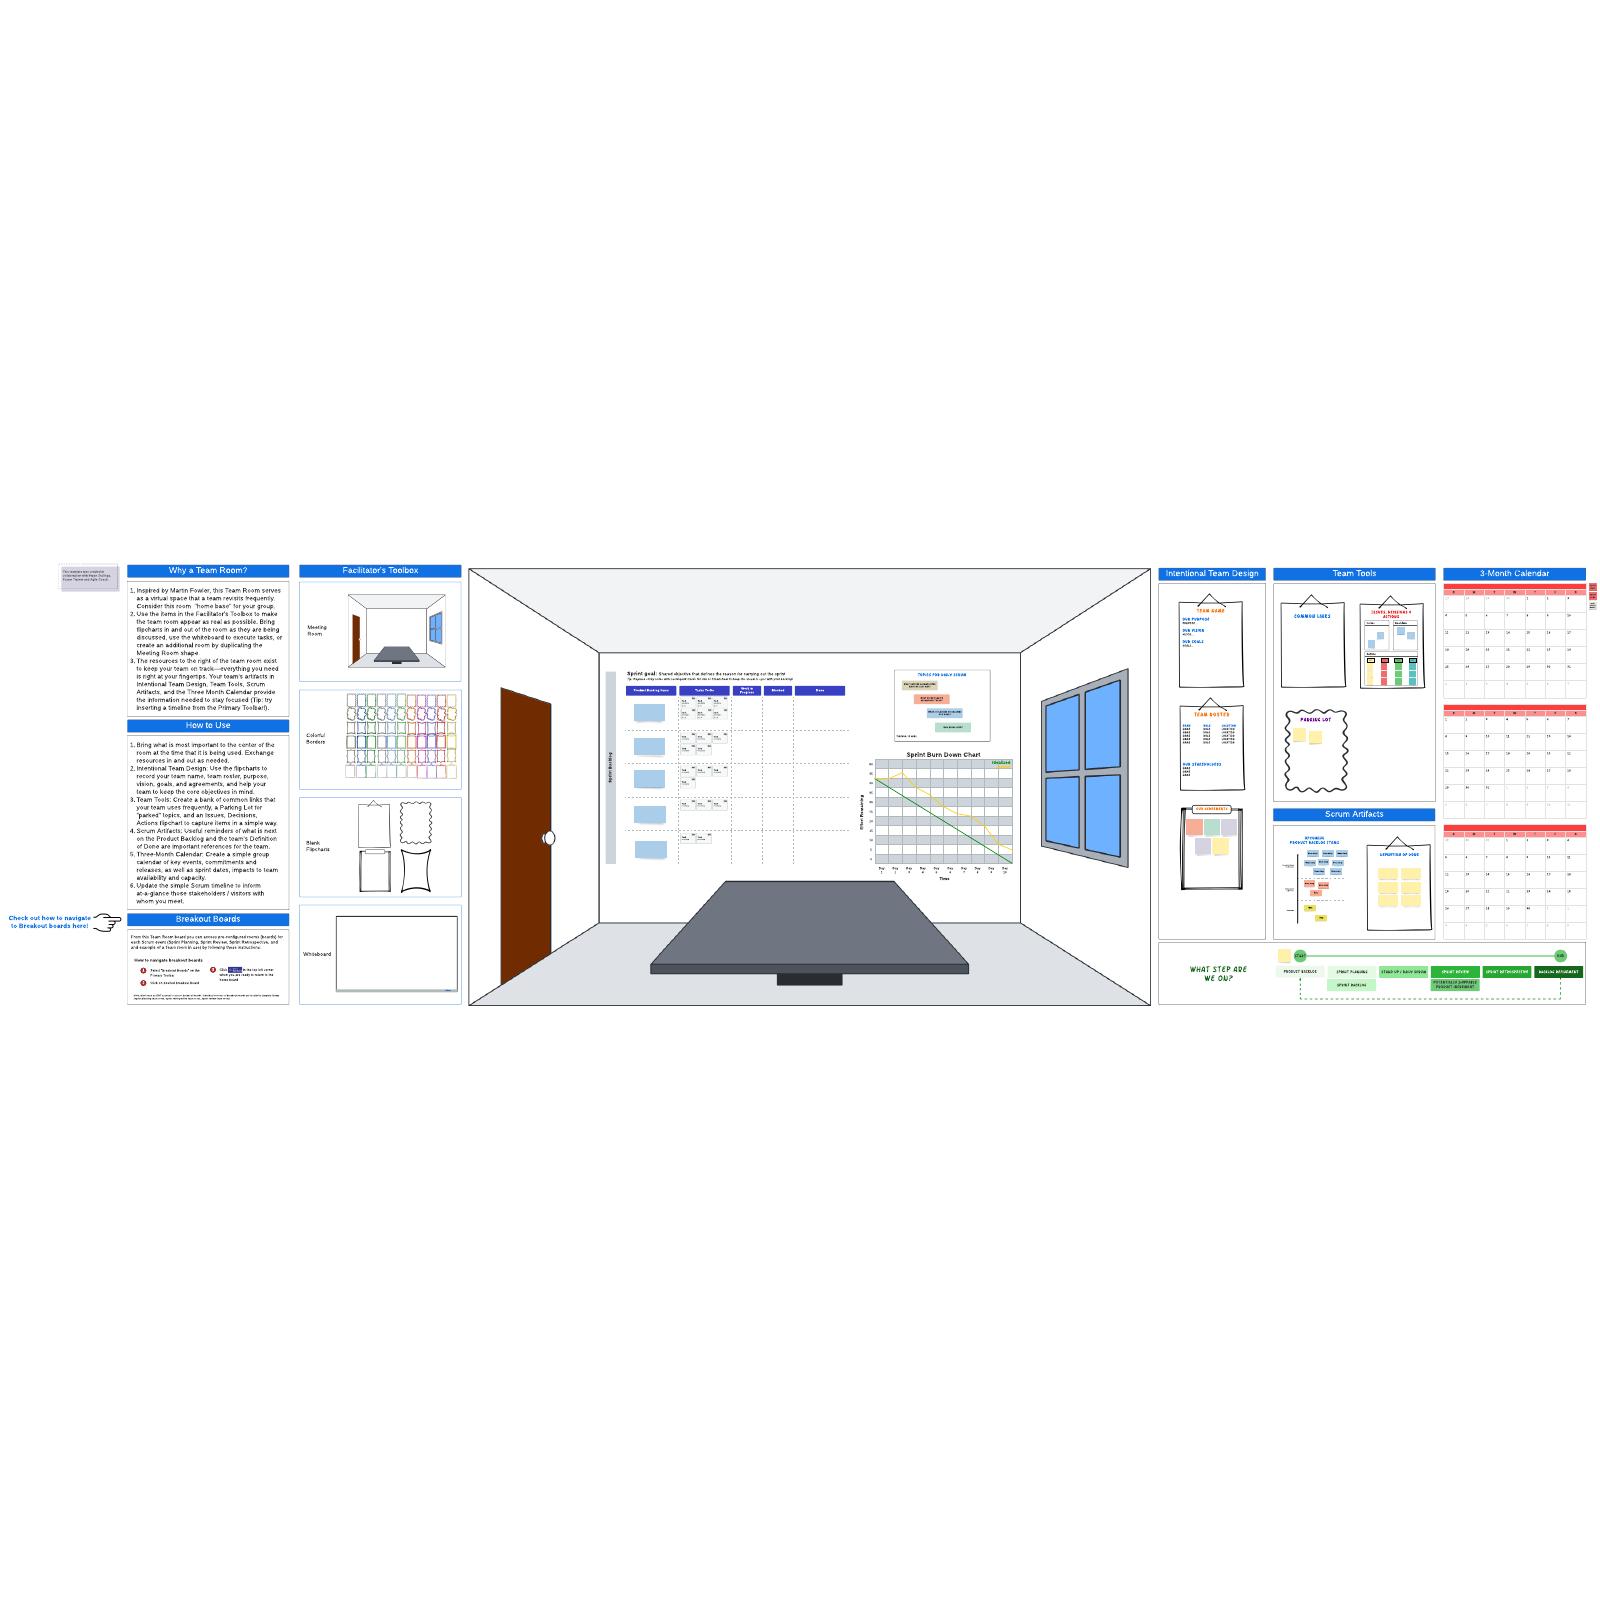 Multi-room scrum team space